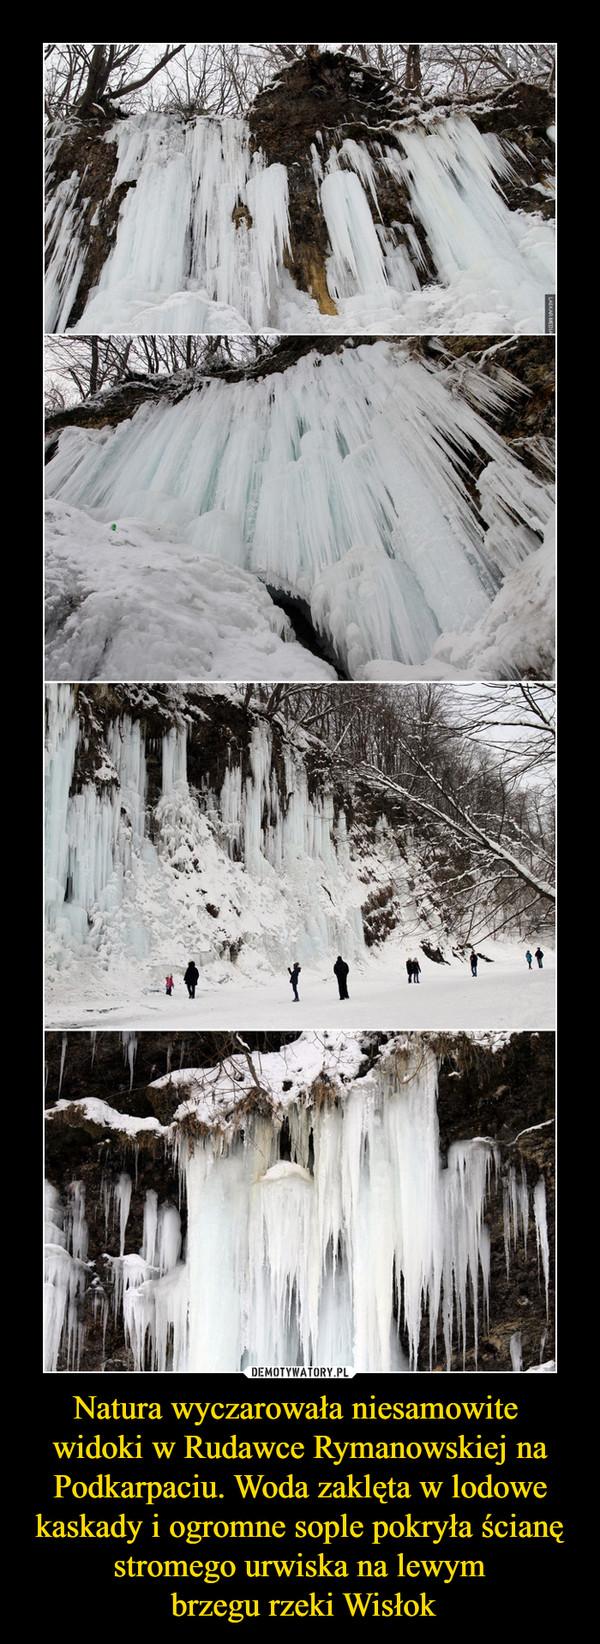 Natura wyczarowała niesamowite widoki w Rudawce Rymanowskiej na Podkarpaciu. Woda zaklęta w lodowe kaskady i ogromne sople pokryła ścianę stromego urwiska na lewym brzegu rzeki Wisłok –